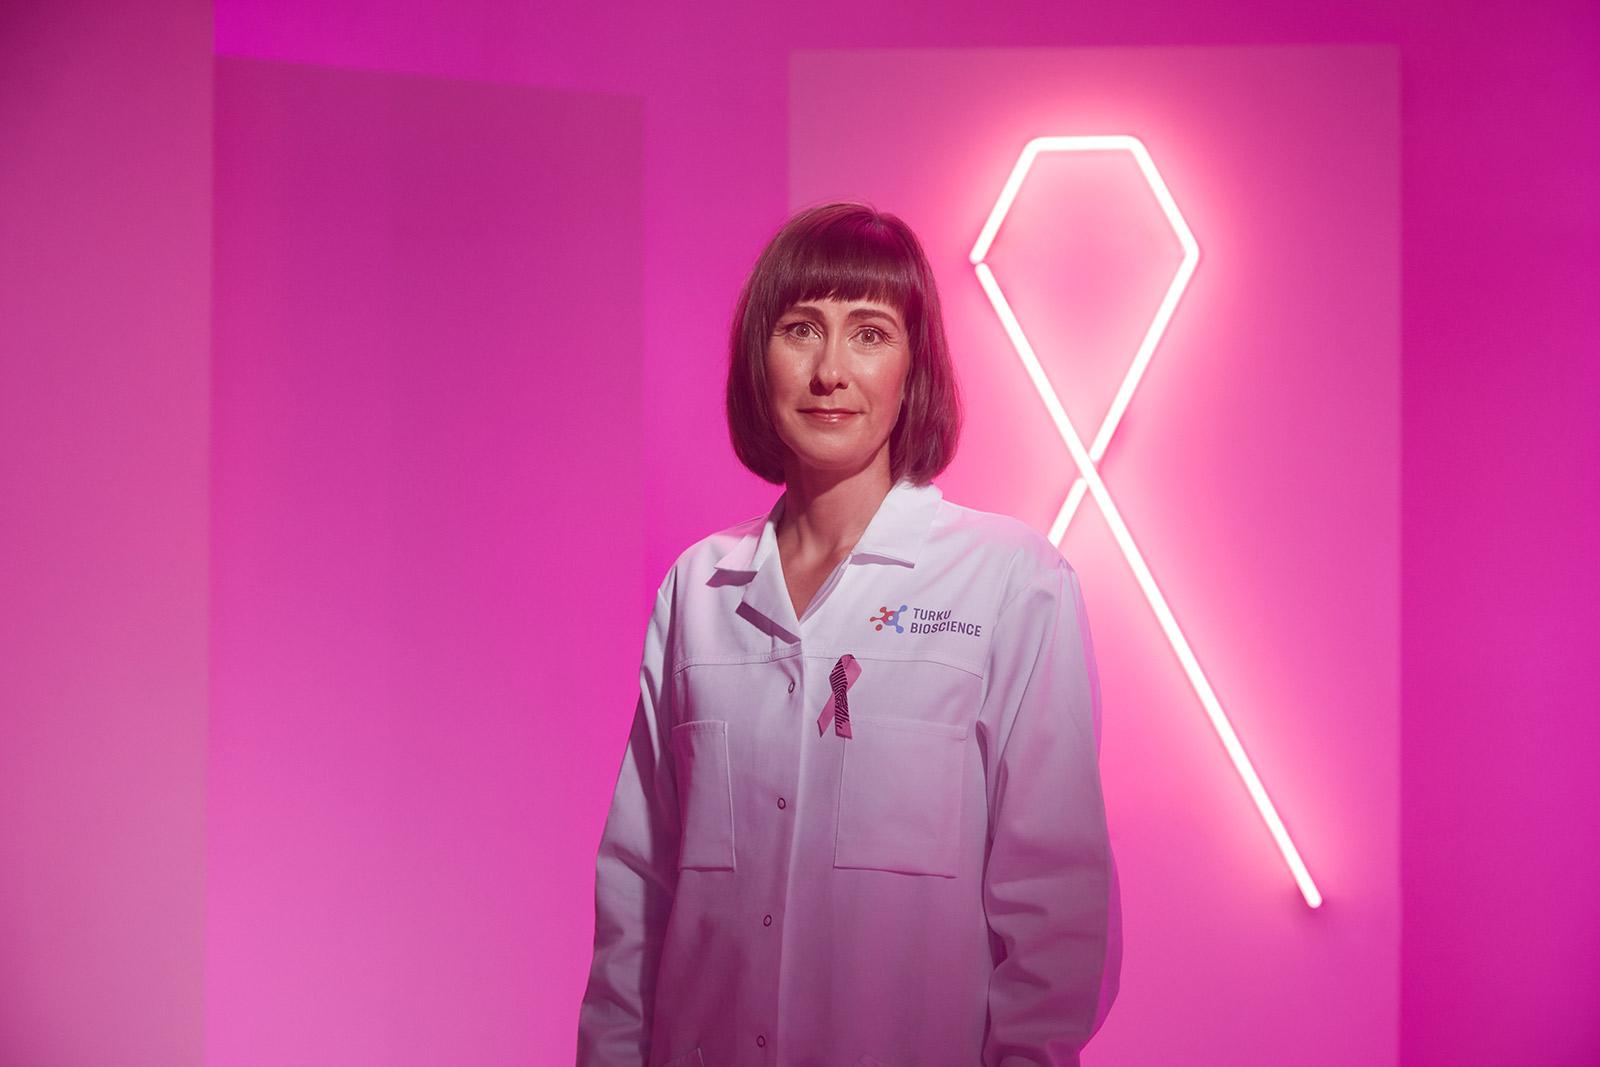 Kuvassa tutkija Johanna Ivaska Roosa nauha -valon edessä.